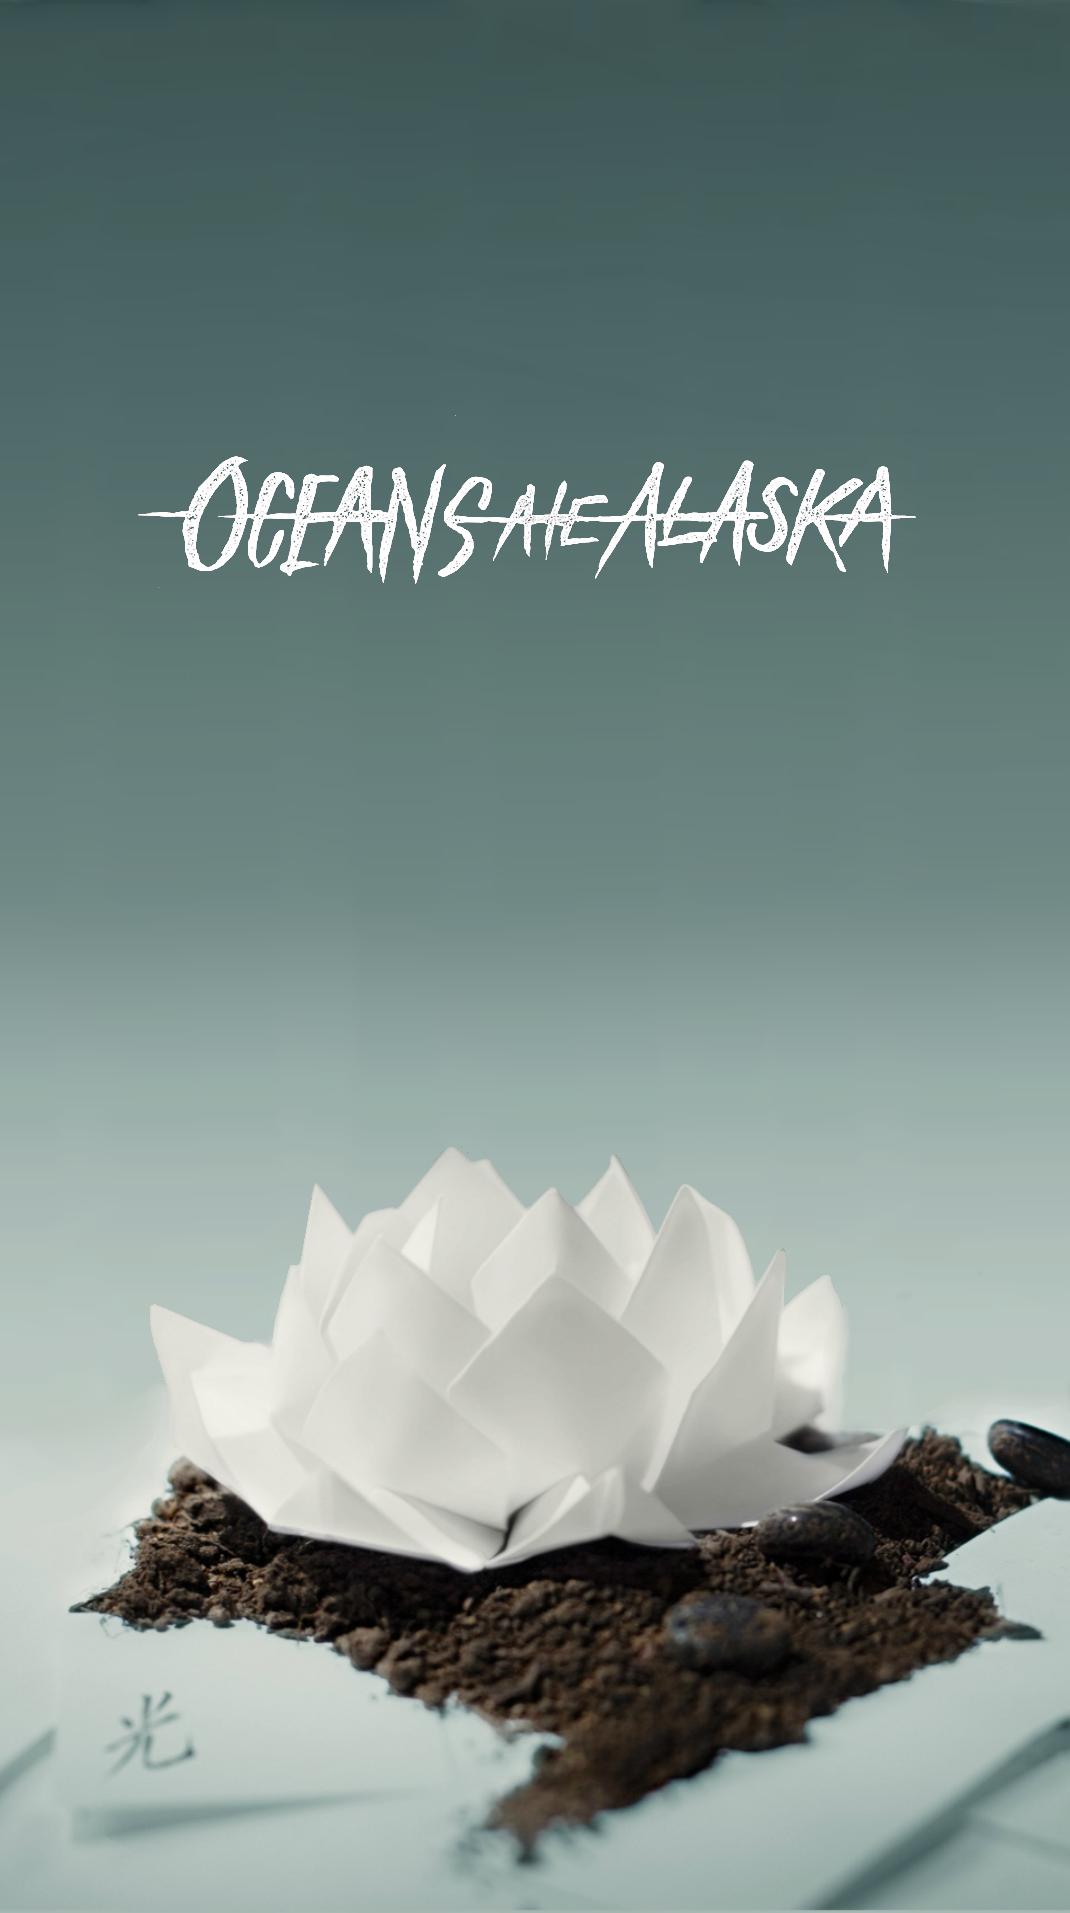 Oceans Ate Alaska Hikari Mobile Wallpaper 1920x1080 Musica